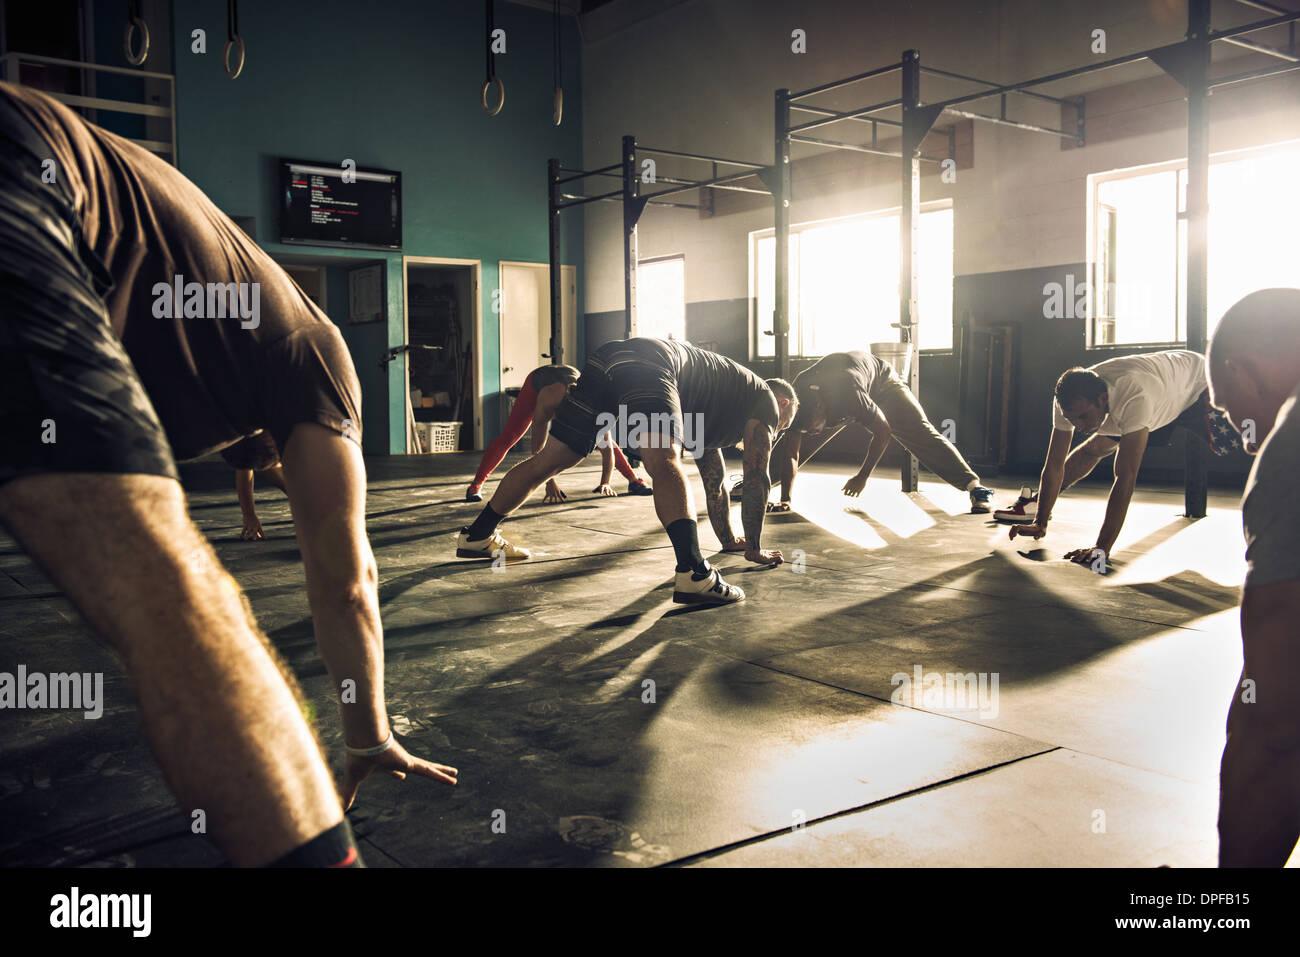 Zusammen im Fitnessstudio Fitness Gruppentraining Stockbild